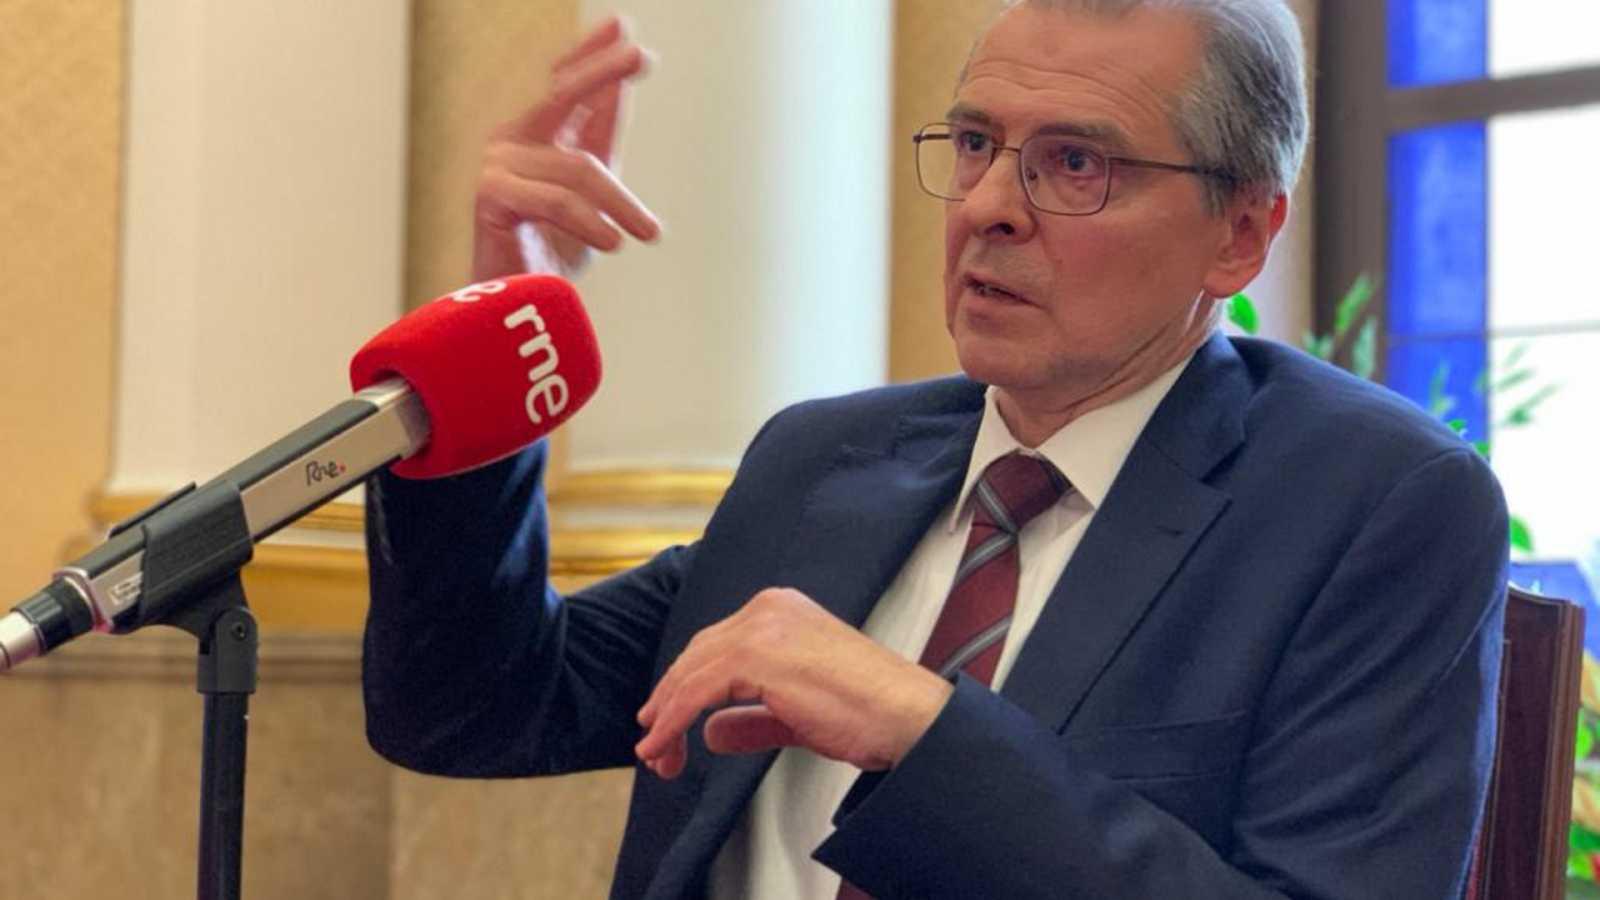 Cinco continentes - Sokolov: «las sanciones no favorecen a nadie» - Escuchar ahora